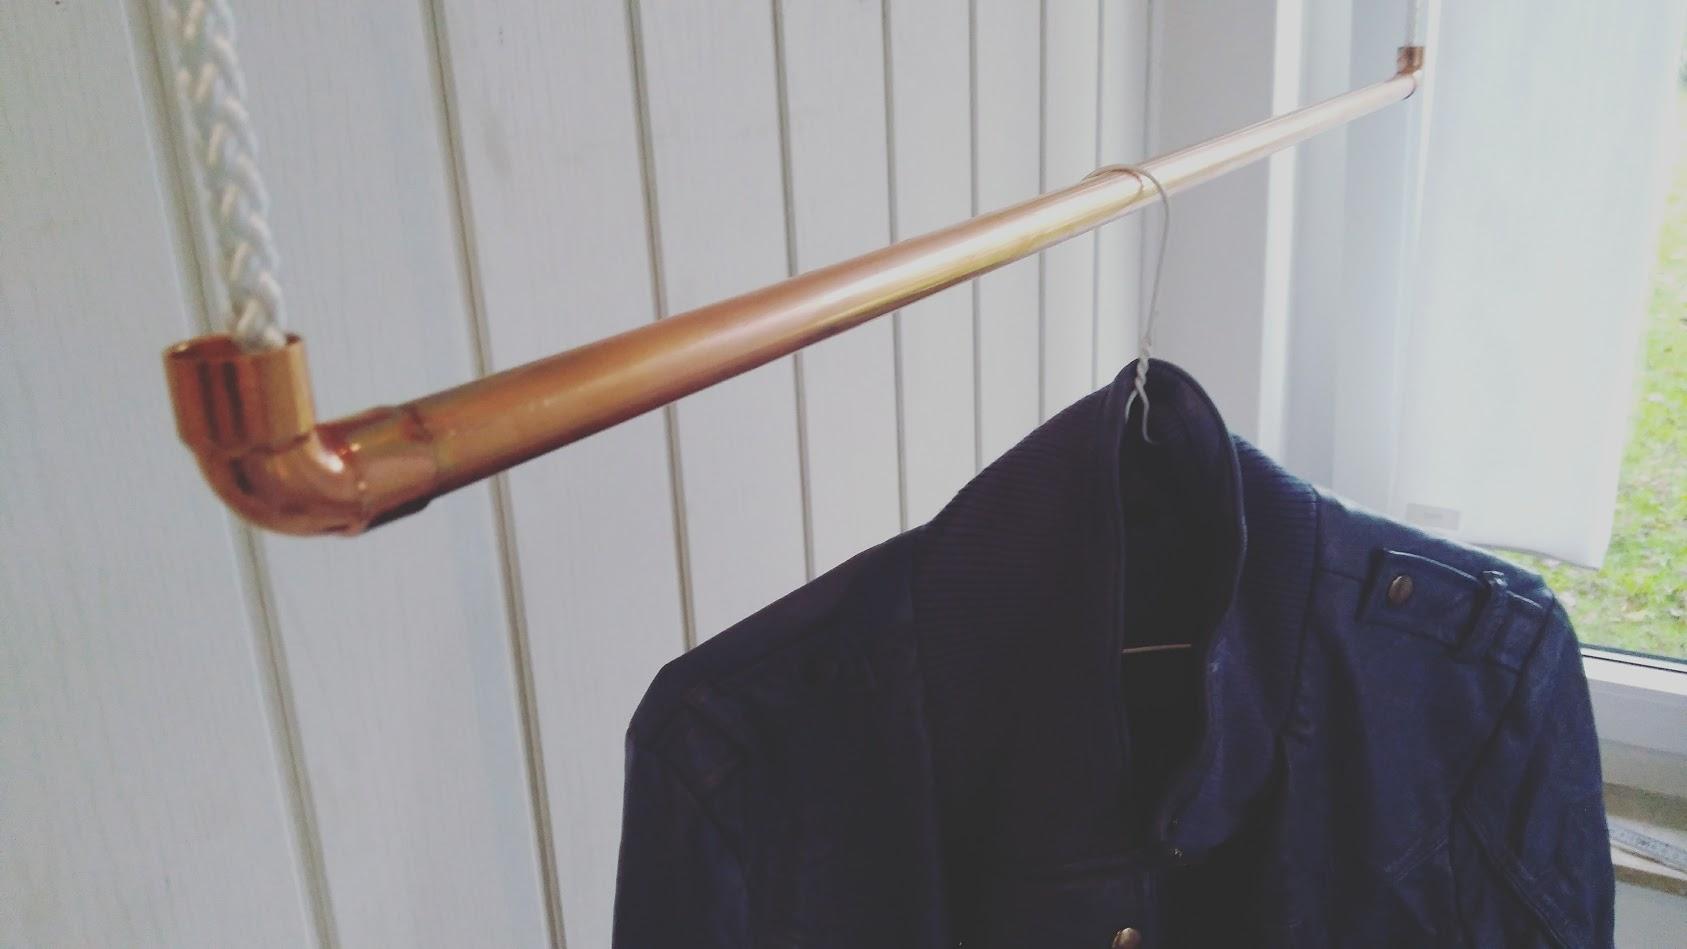 100 cm Premium Design Kleiderstange, Garderobenstange, aus Kupfer und Baumwollseil (weiß) hängend, D